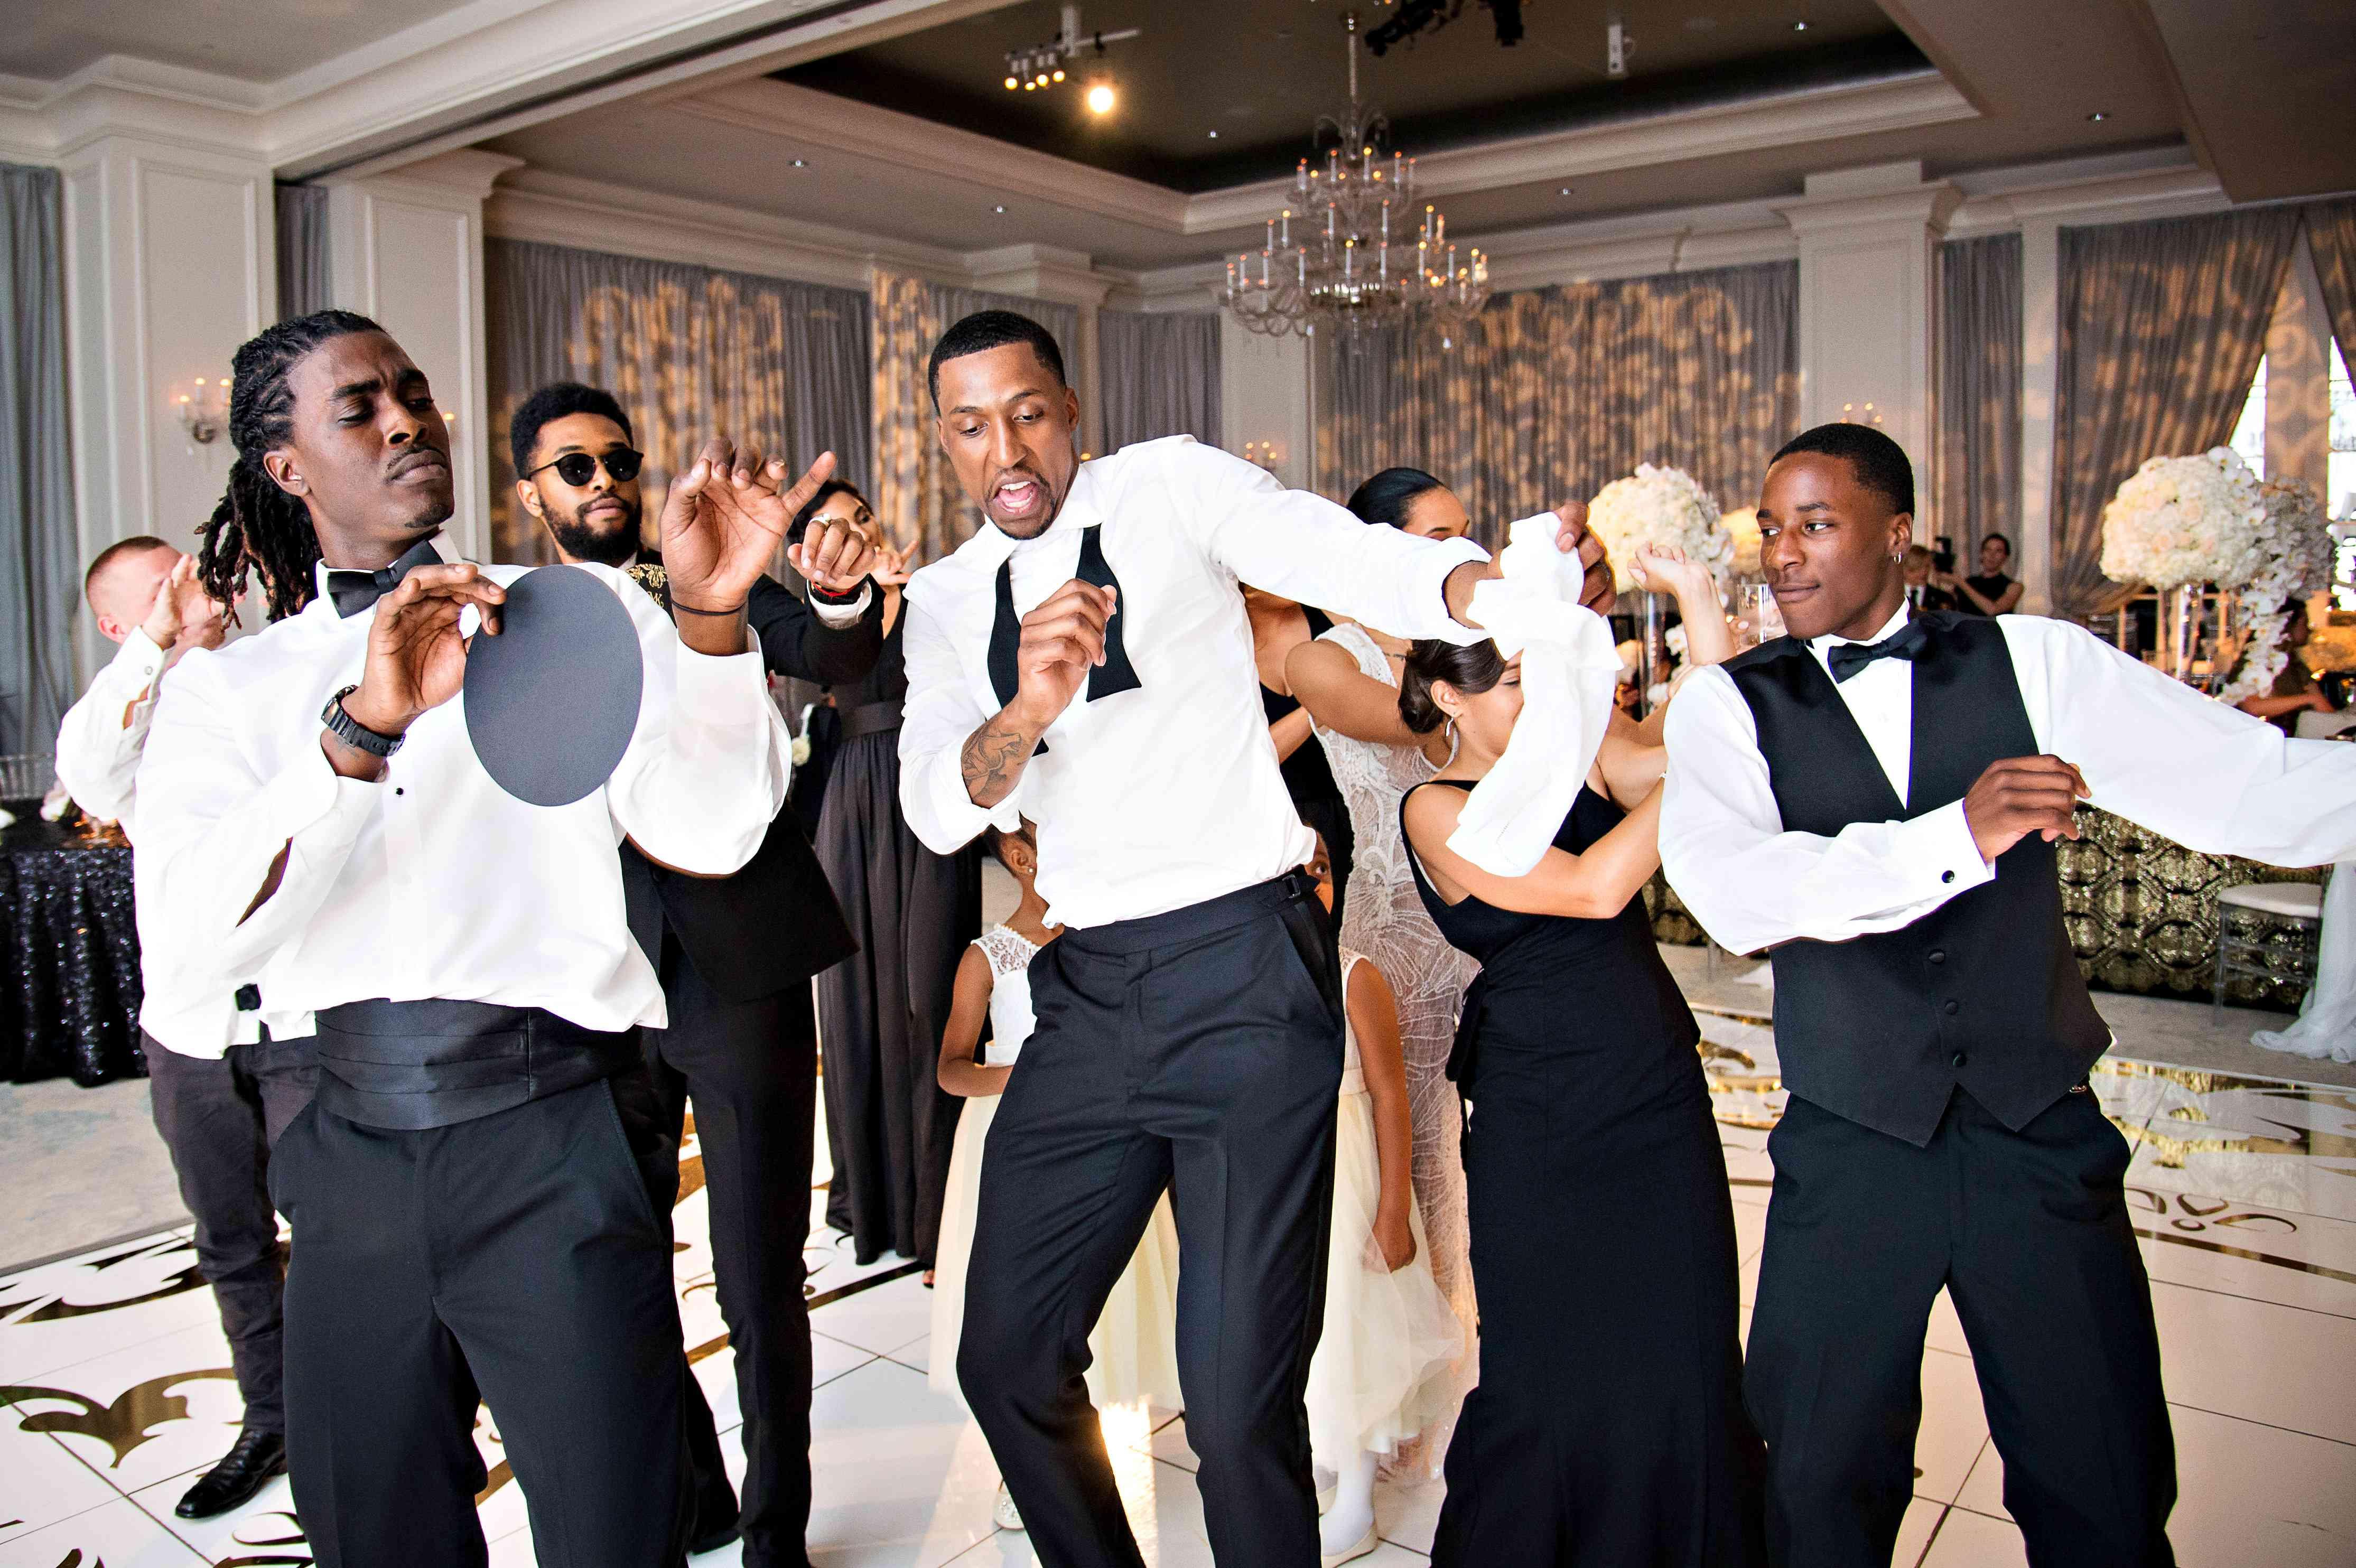 Groom dancing with groomsmen